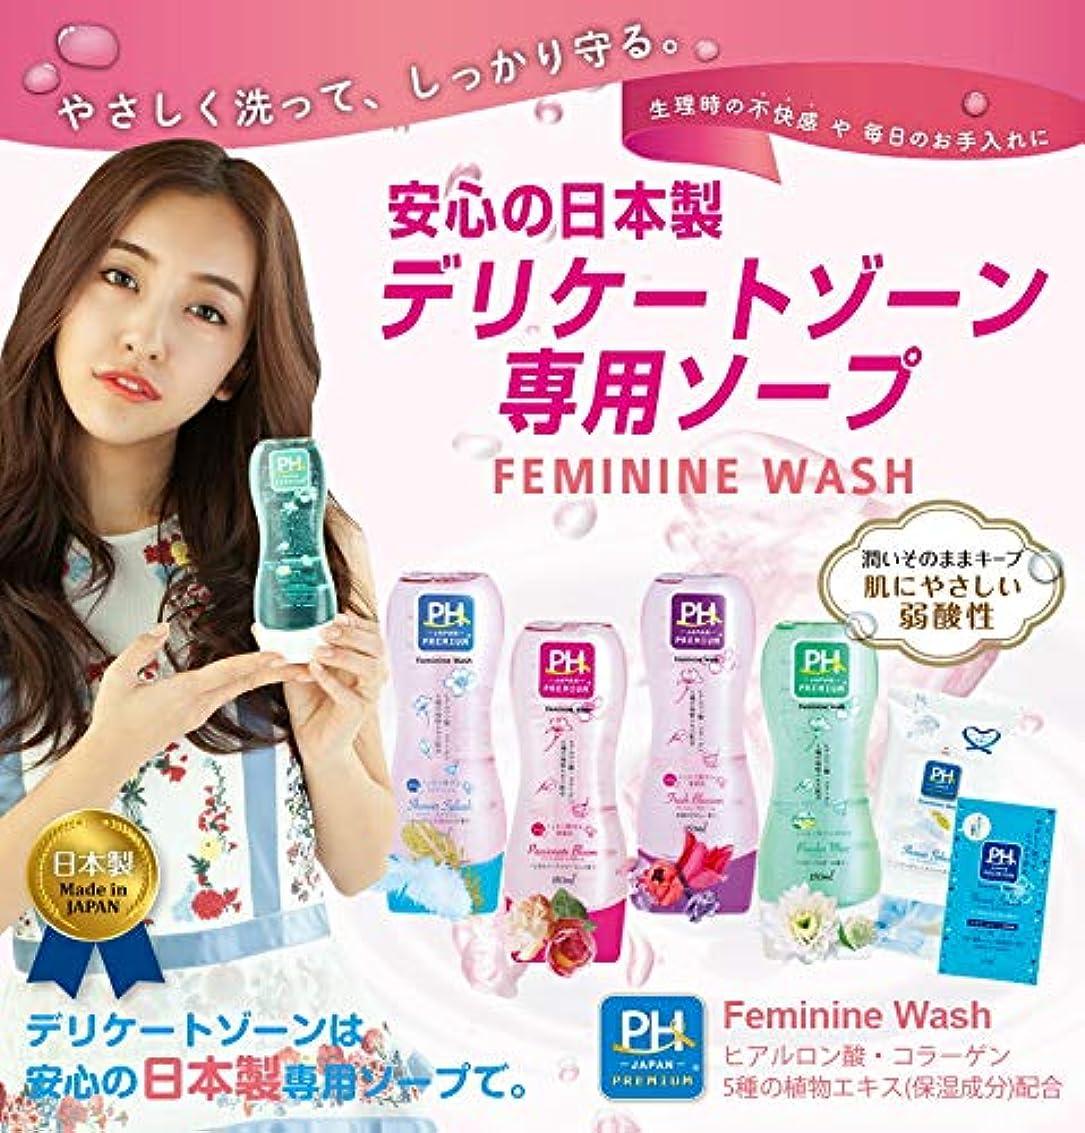 検出する細心の刺繍PH JAPAN プレミアム フェミニンウォッシュ パッショネイトブルーム150ml上品なローズフローラルの香り 3本セット